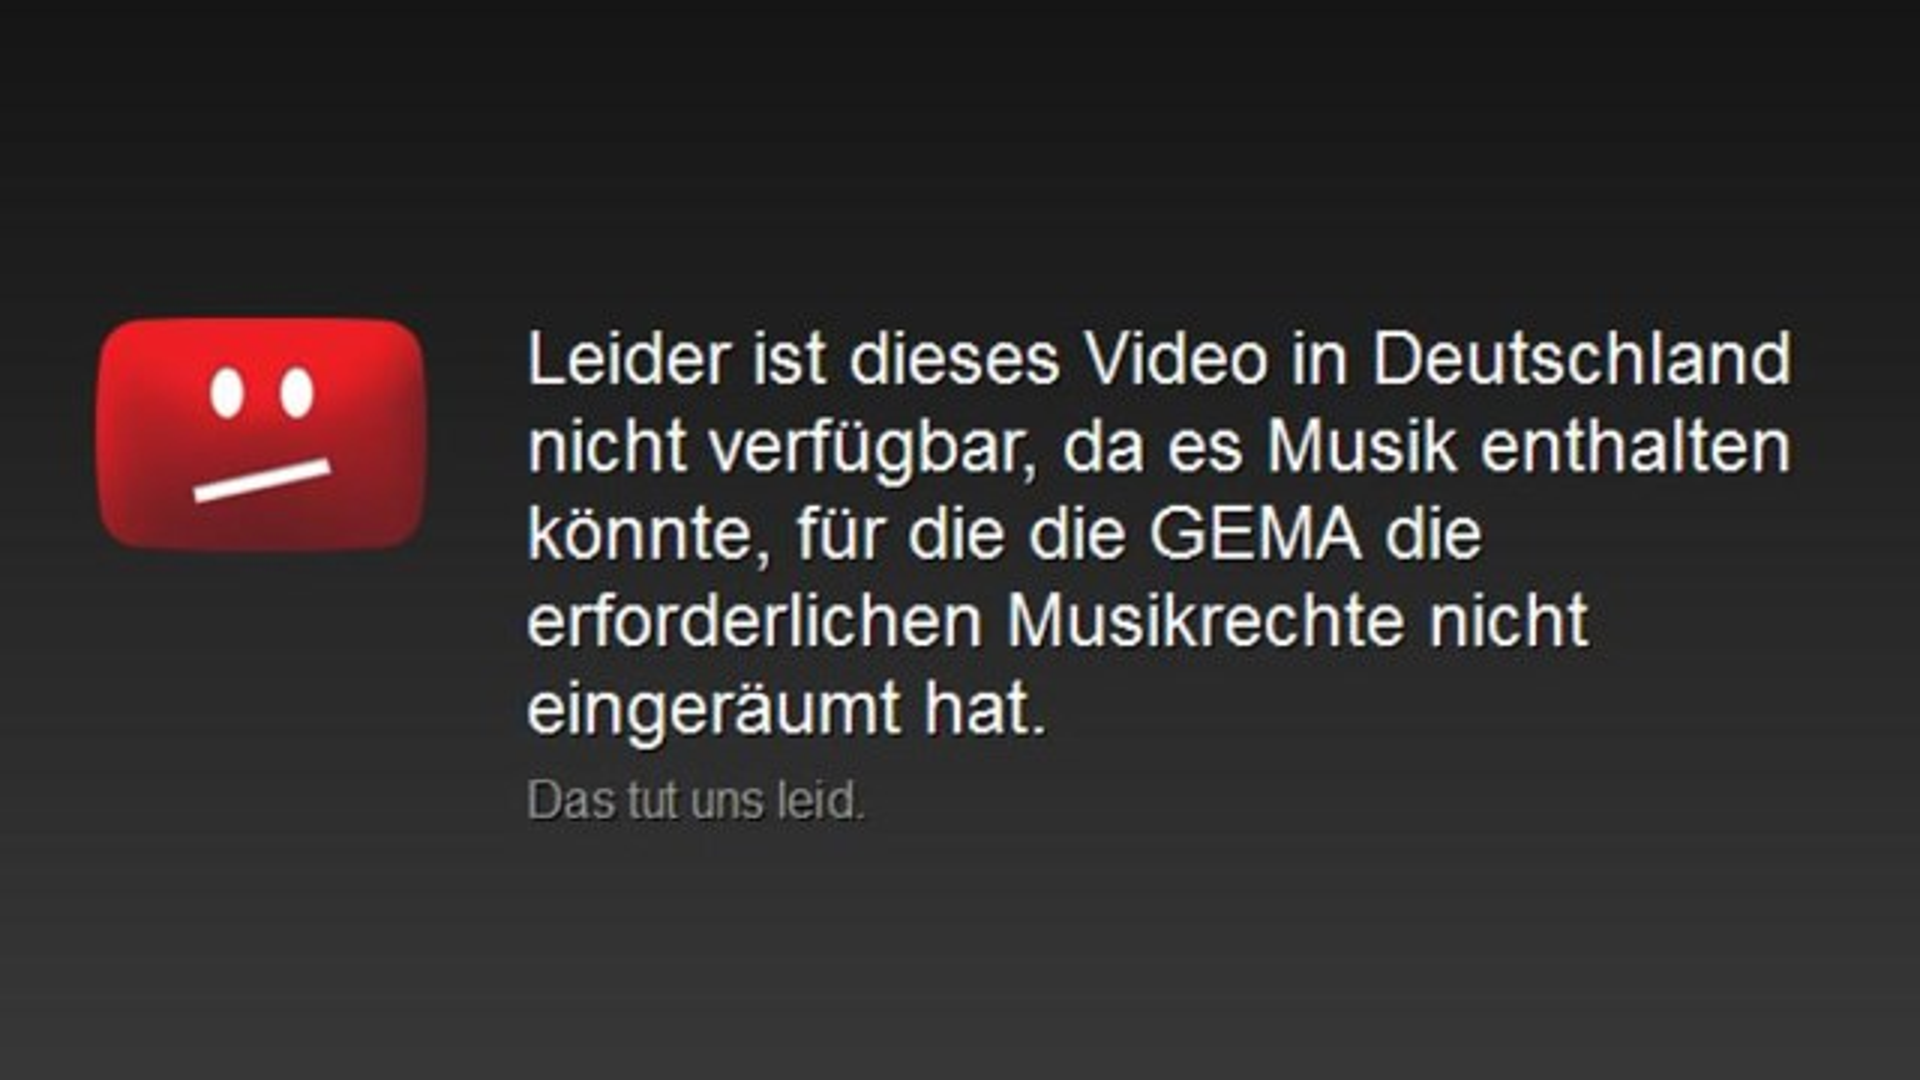 Youtube-leider-ist-dieses-Video-in-Deutschland-nicht-verfügbar